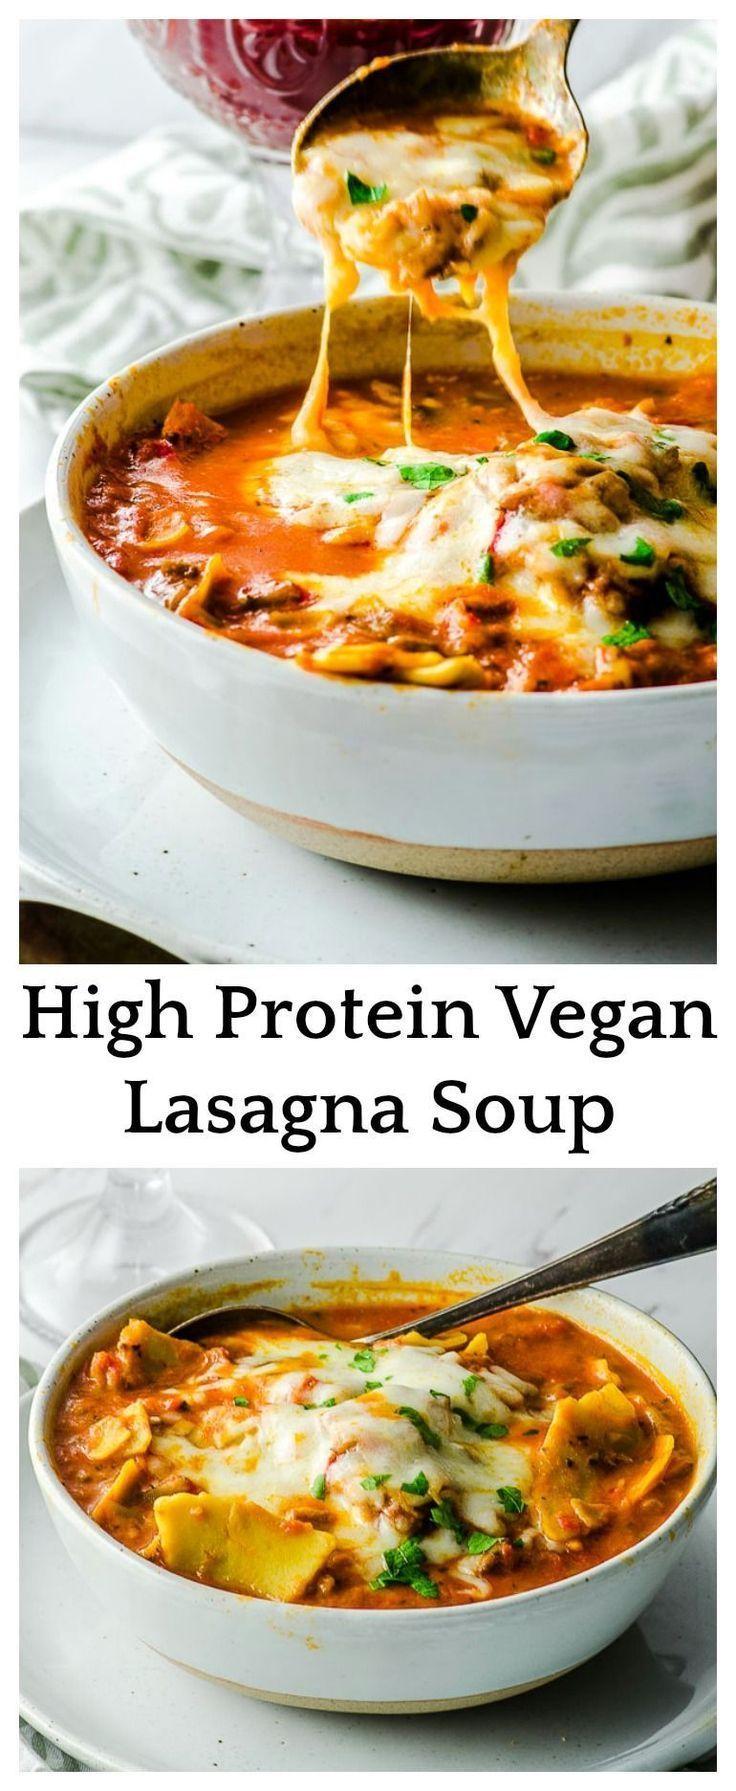 High Protein Vegan Lasagna Soup